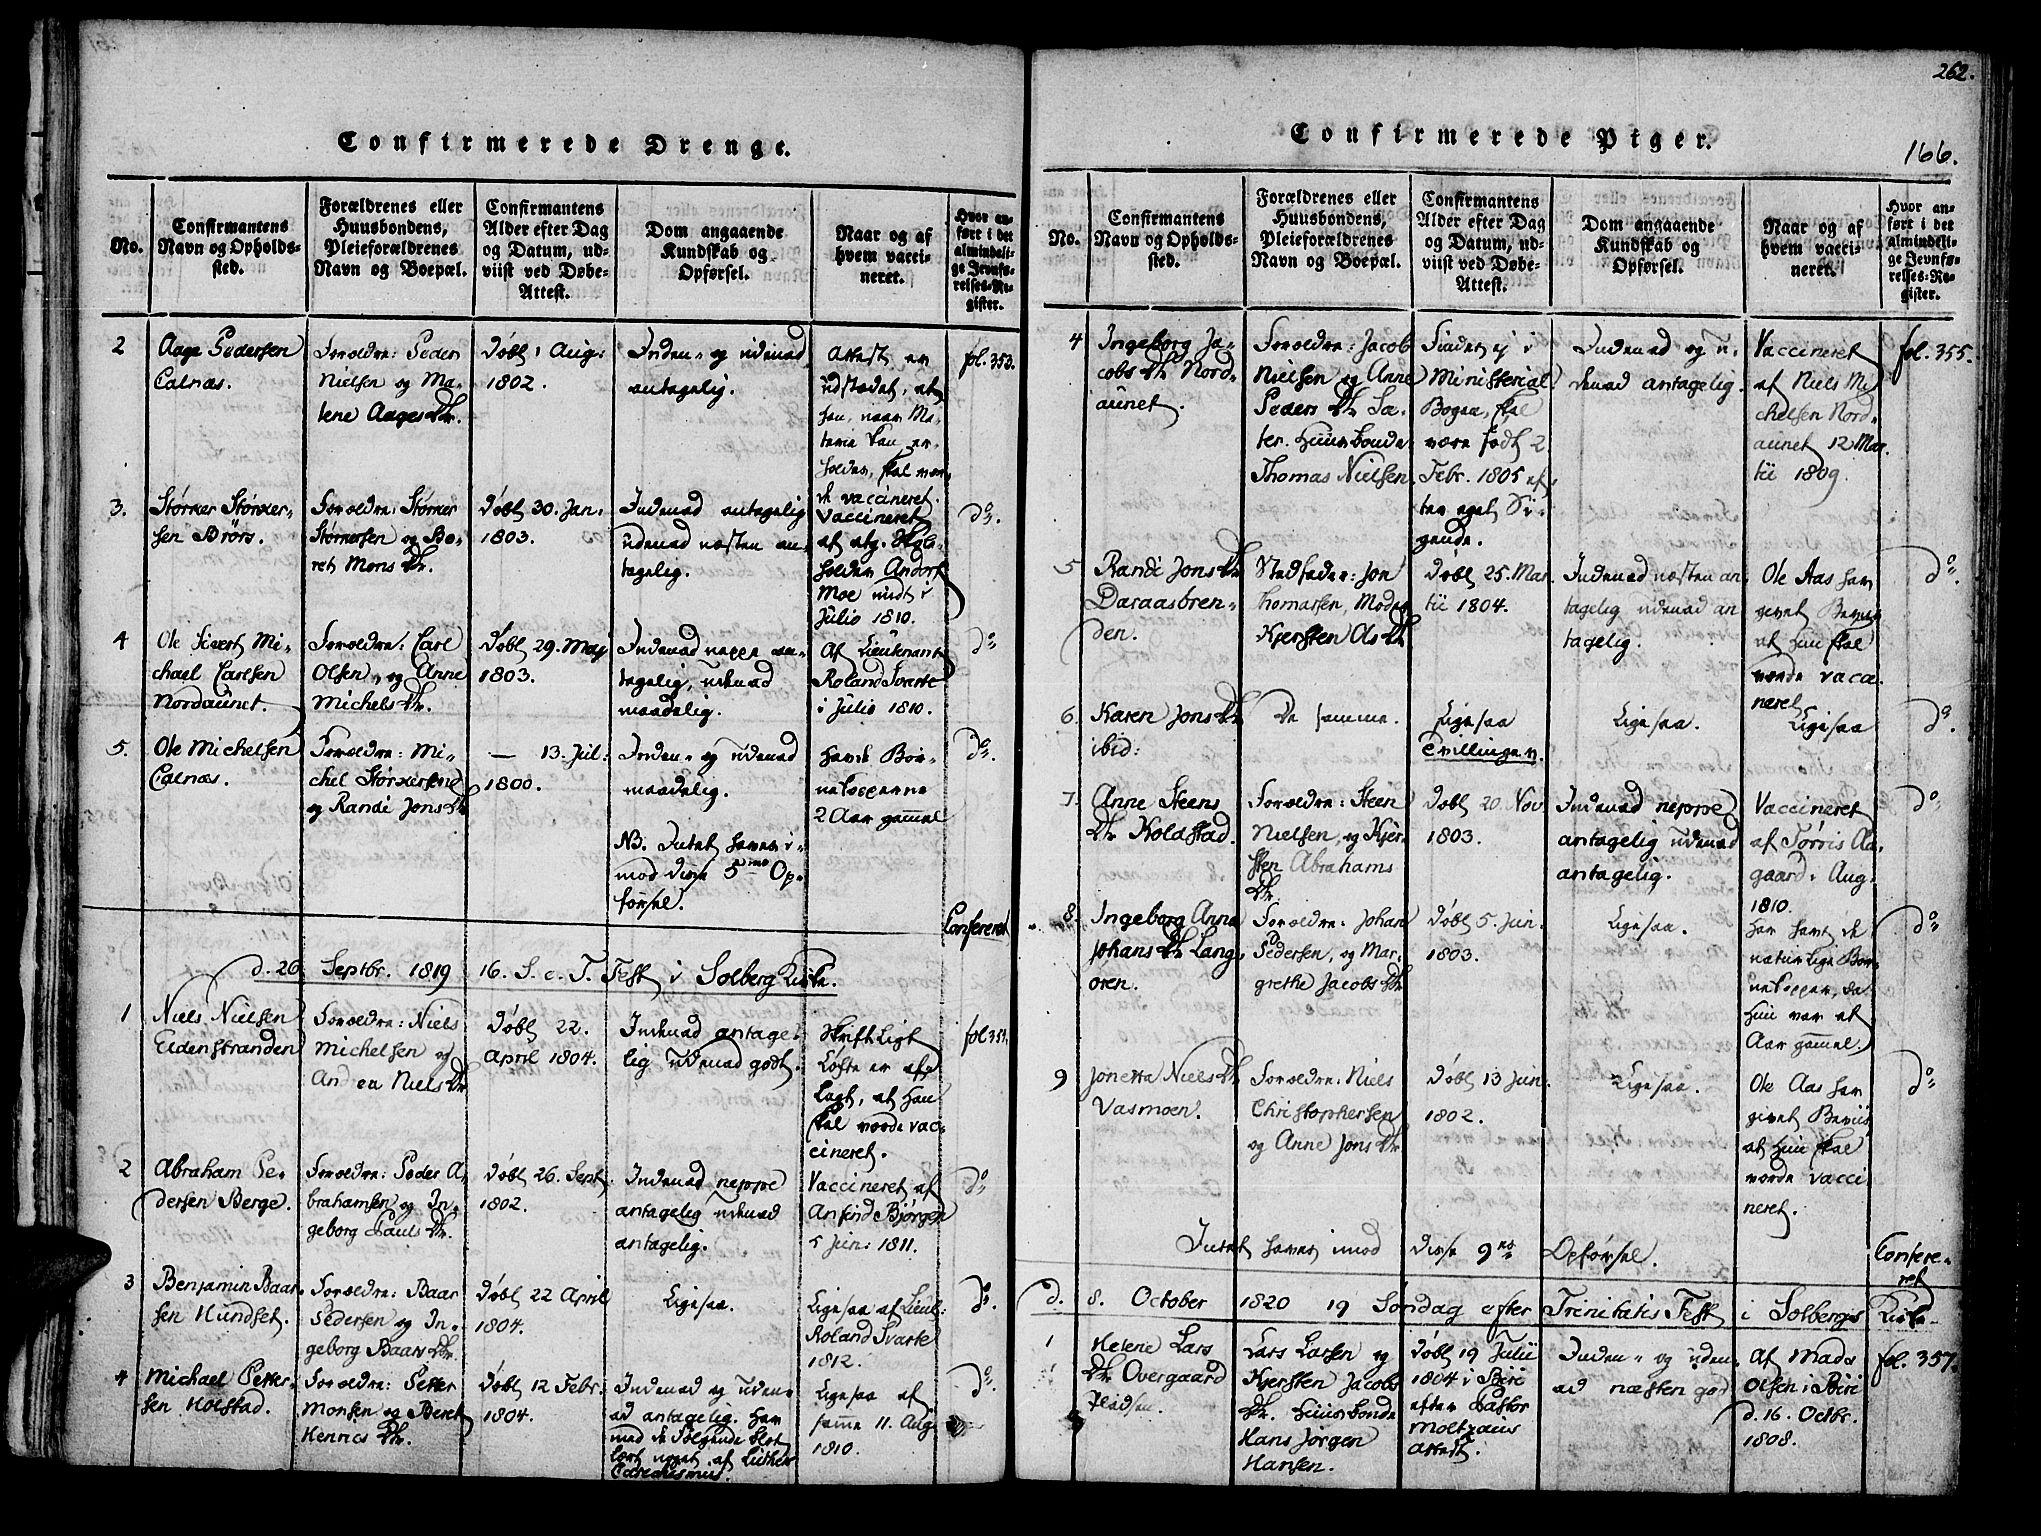 SAT, Ministerialprotokoller, klokkerbøker og fødselsregistre - Nord-Trøndelag, 741/L0387: Ministerialbok nr. 741A03 /3, 1817-1822, s. 166